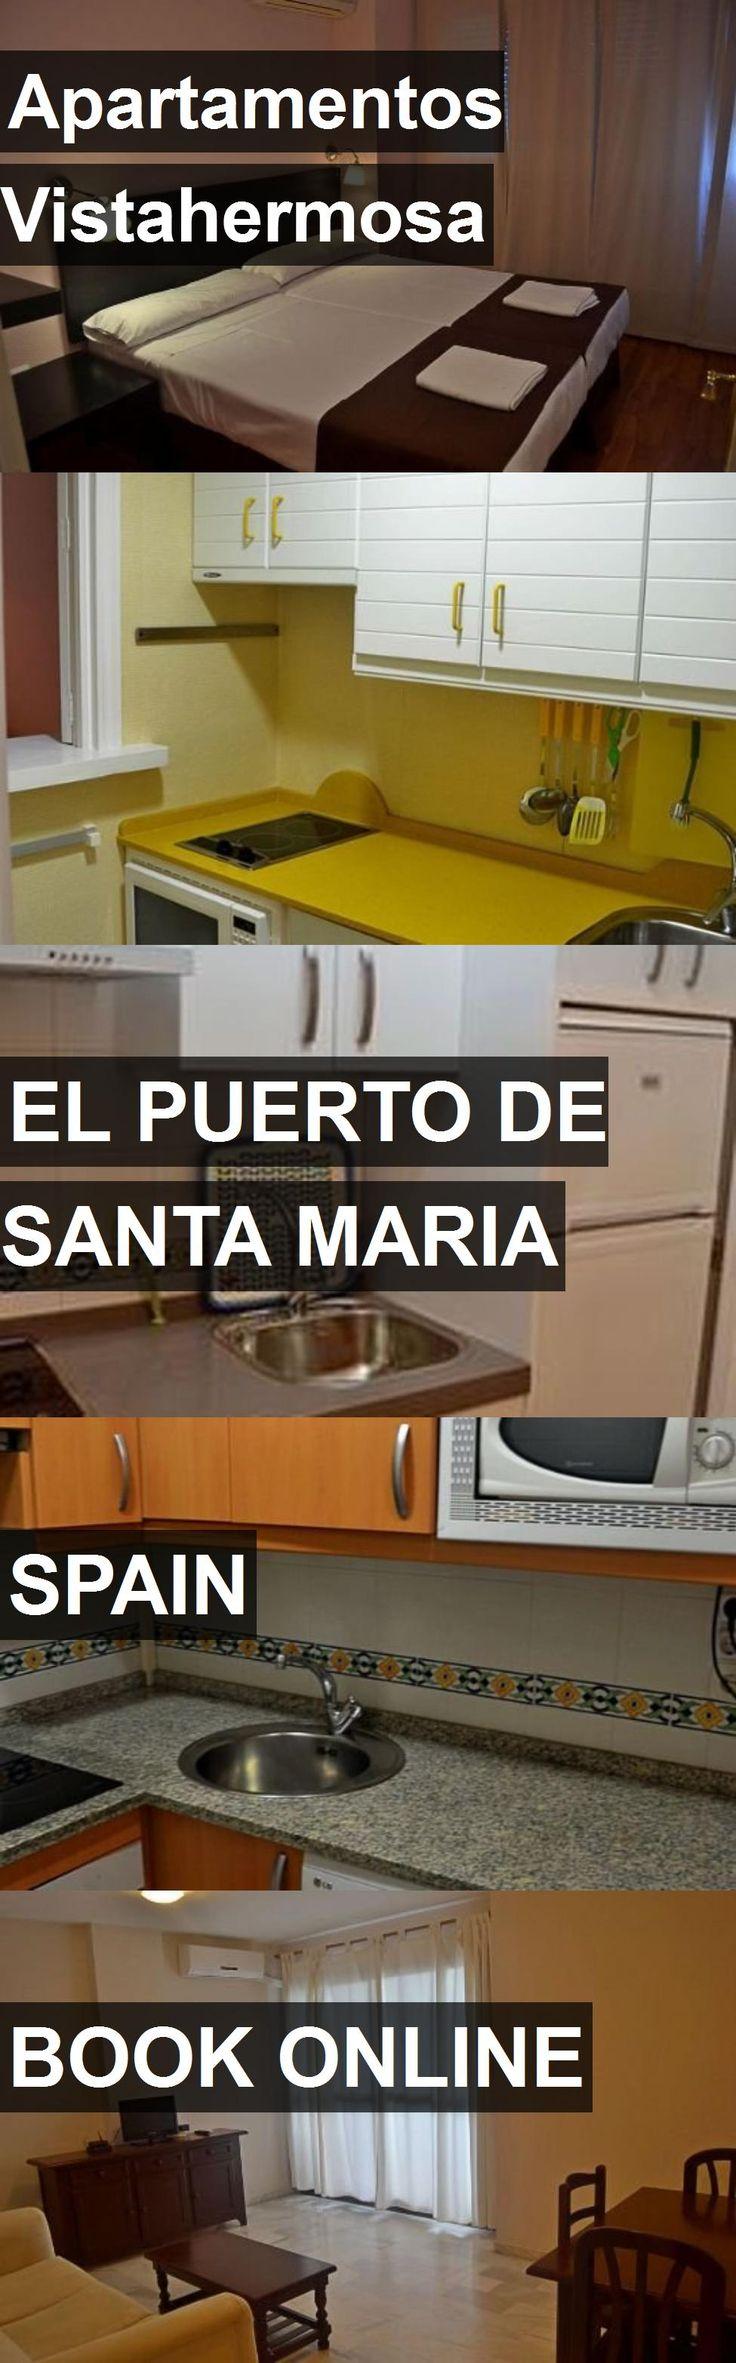 Hotel Apartamentos Vistahermosa in El Puerto de Santa Maria, Spain. For more information, photos, reviews and best prices please follow the link. #Spain #ElPuertodeSantaMaria #travel #vacation #hotel